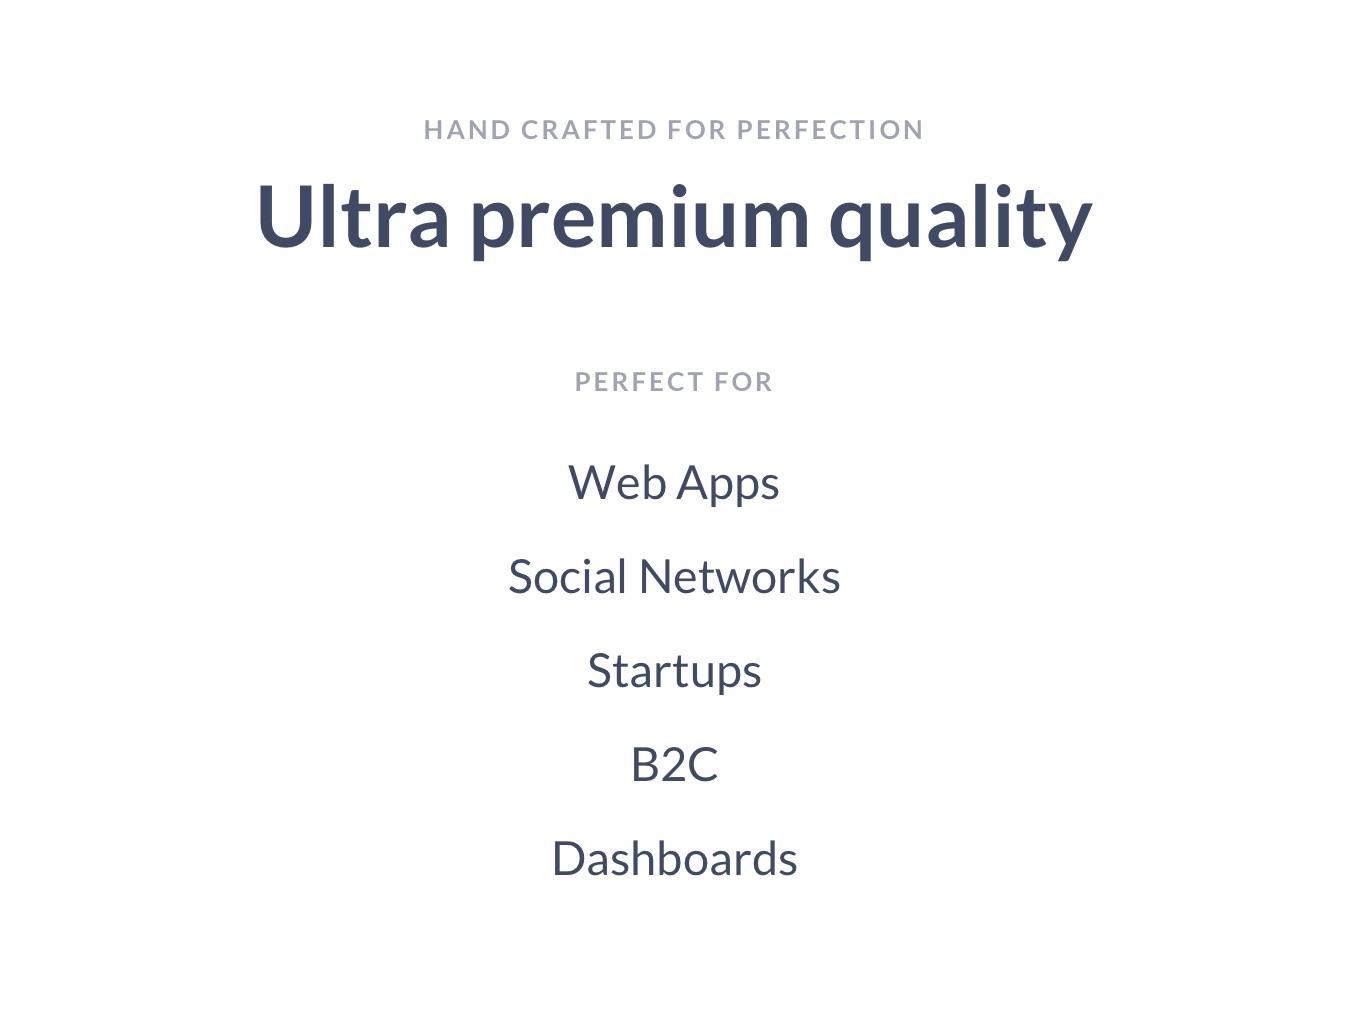 用户管理信息系统界面设计WEB UI模板素材 B2C Dashboards UI Kit插图(1)